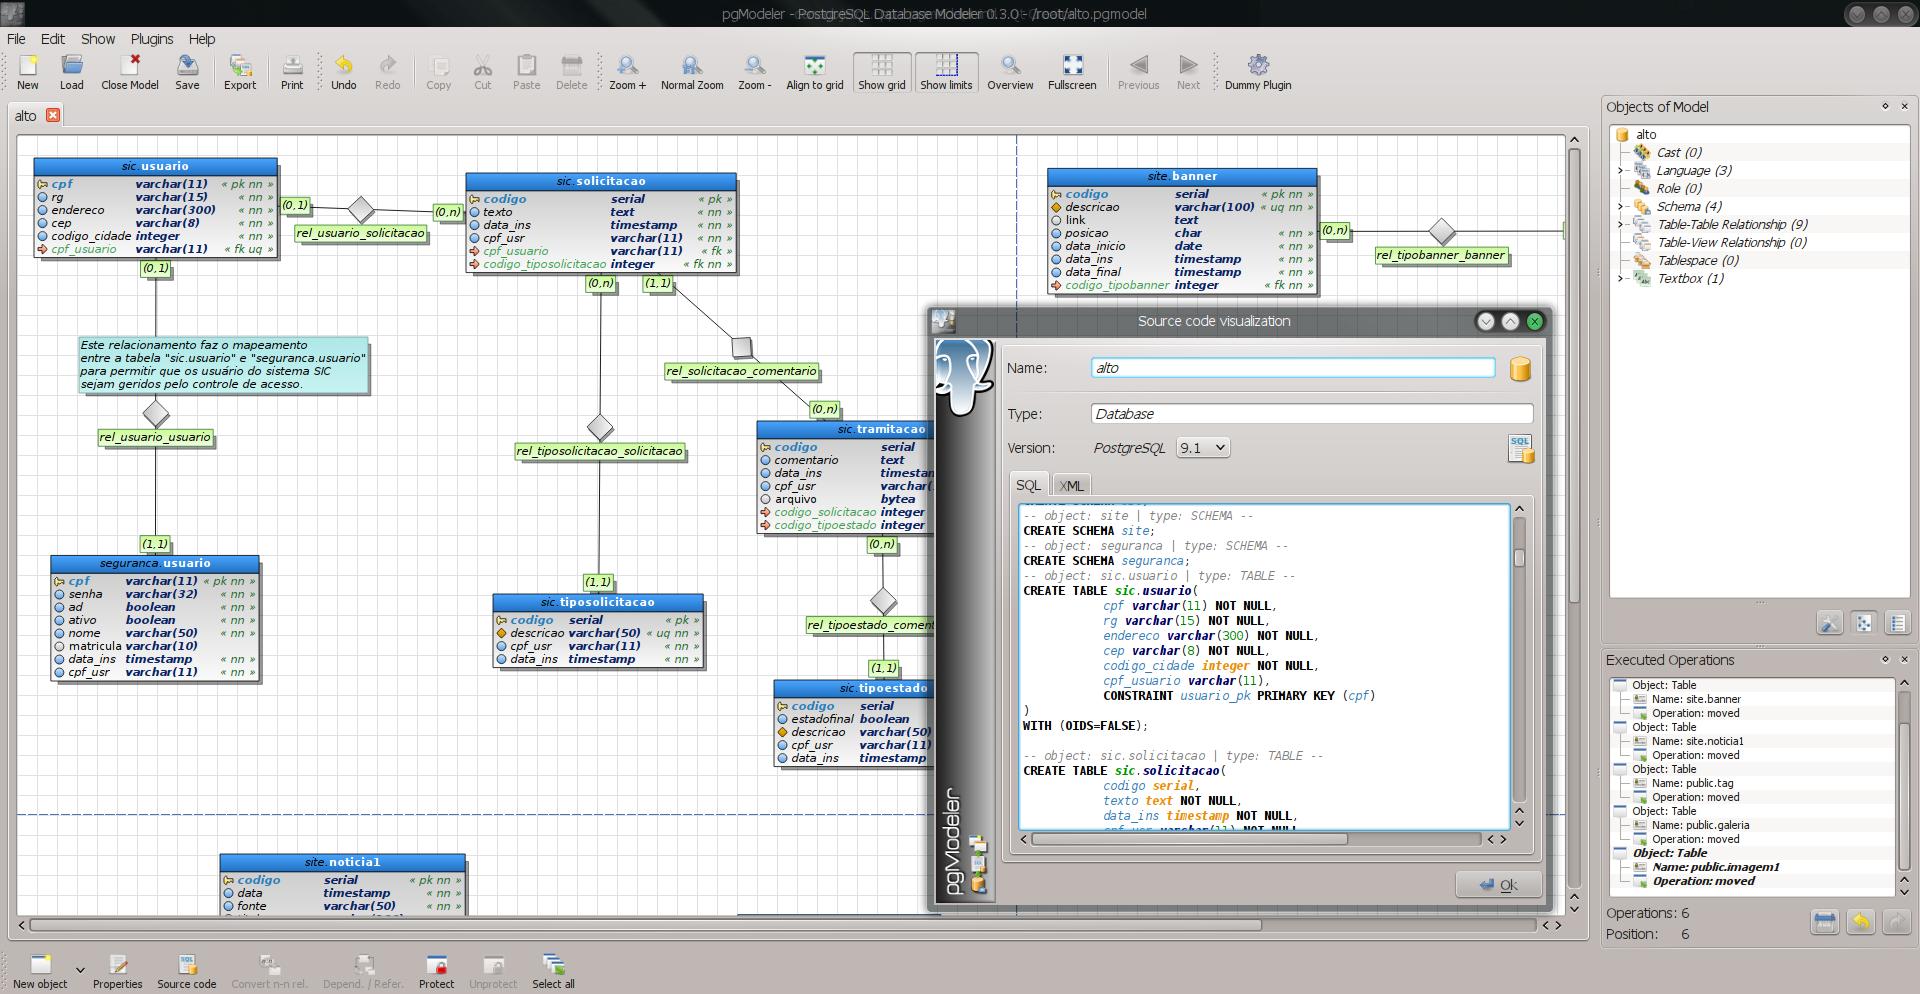 postgresql-database-modeler_1_79141.png